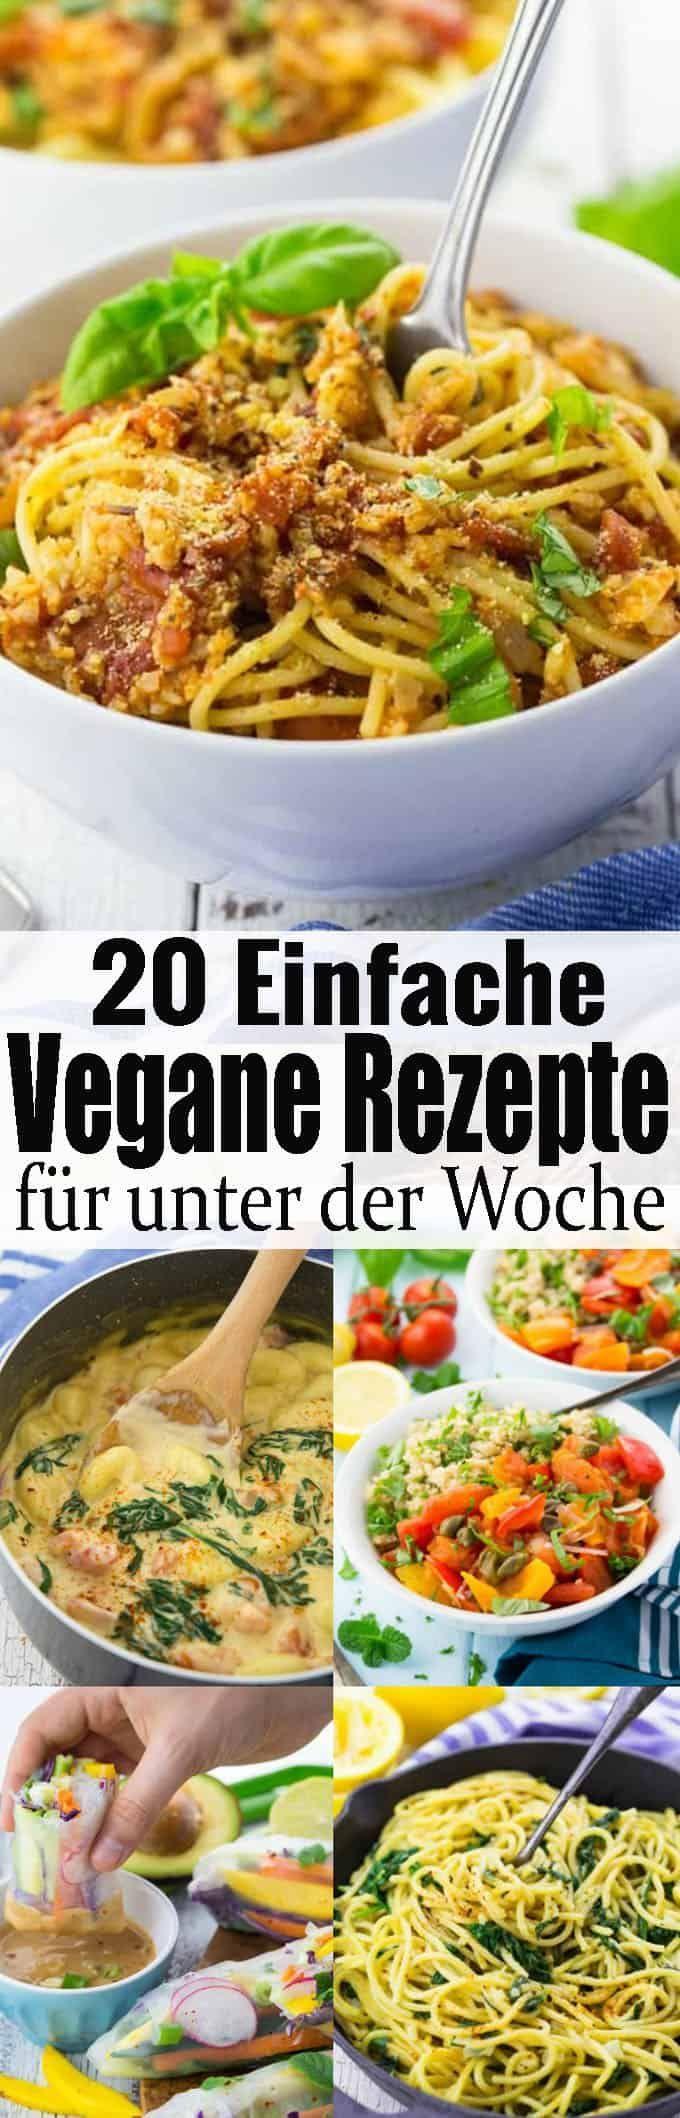 25 Receitas Veganas – Dieta Vegana Simples!